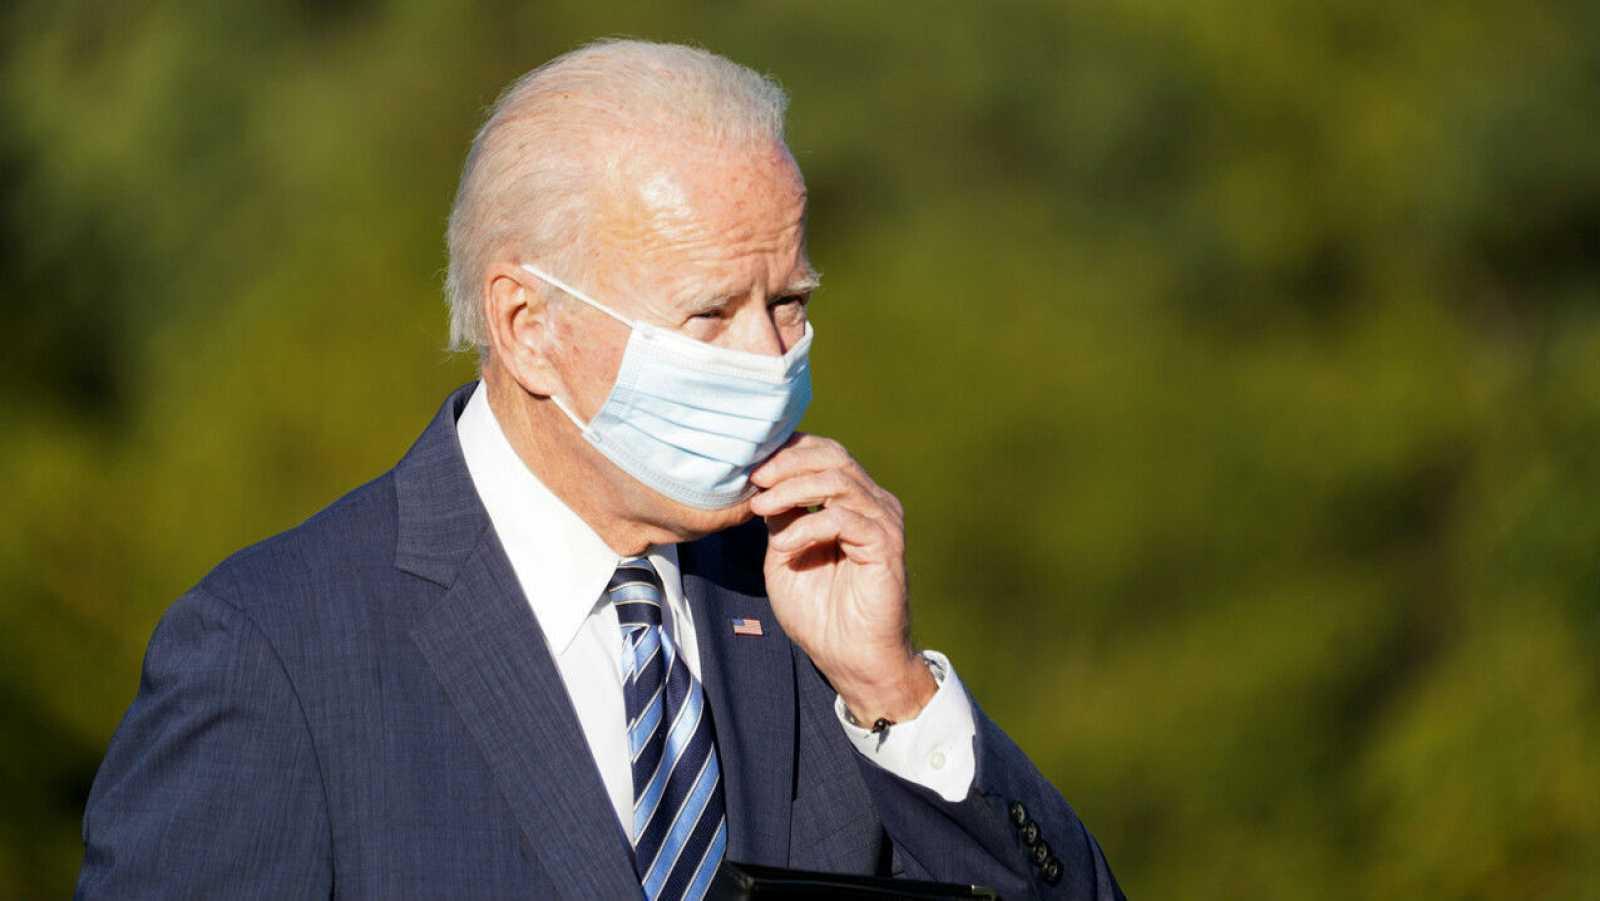 El candidato presidencial demócrata de Estados Unidos, Joe Biden, se ajusta la mascarilla durante una parada de campaña en Gettysburg, Pensilvania, Estados Unidos.